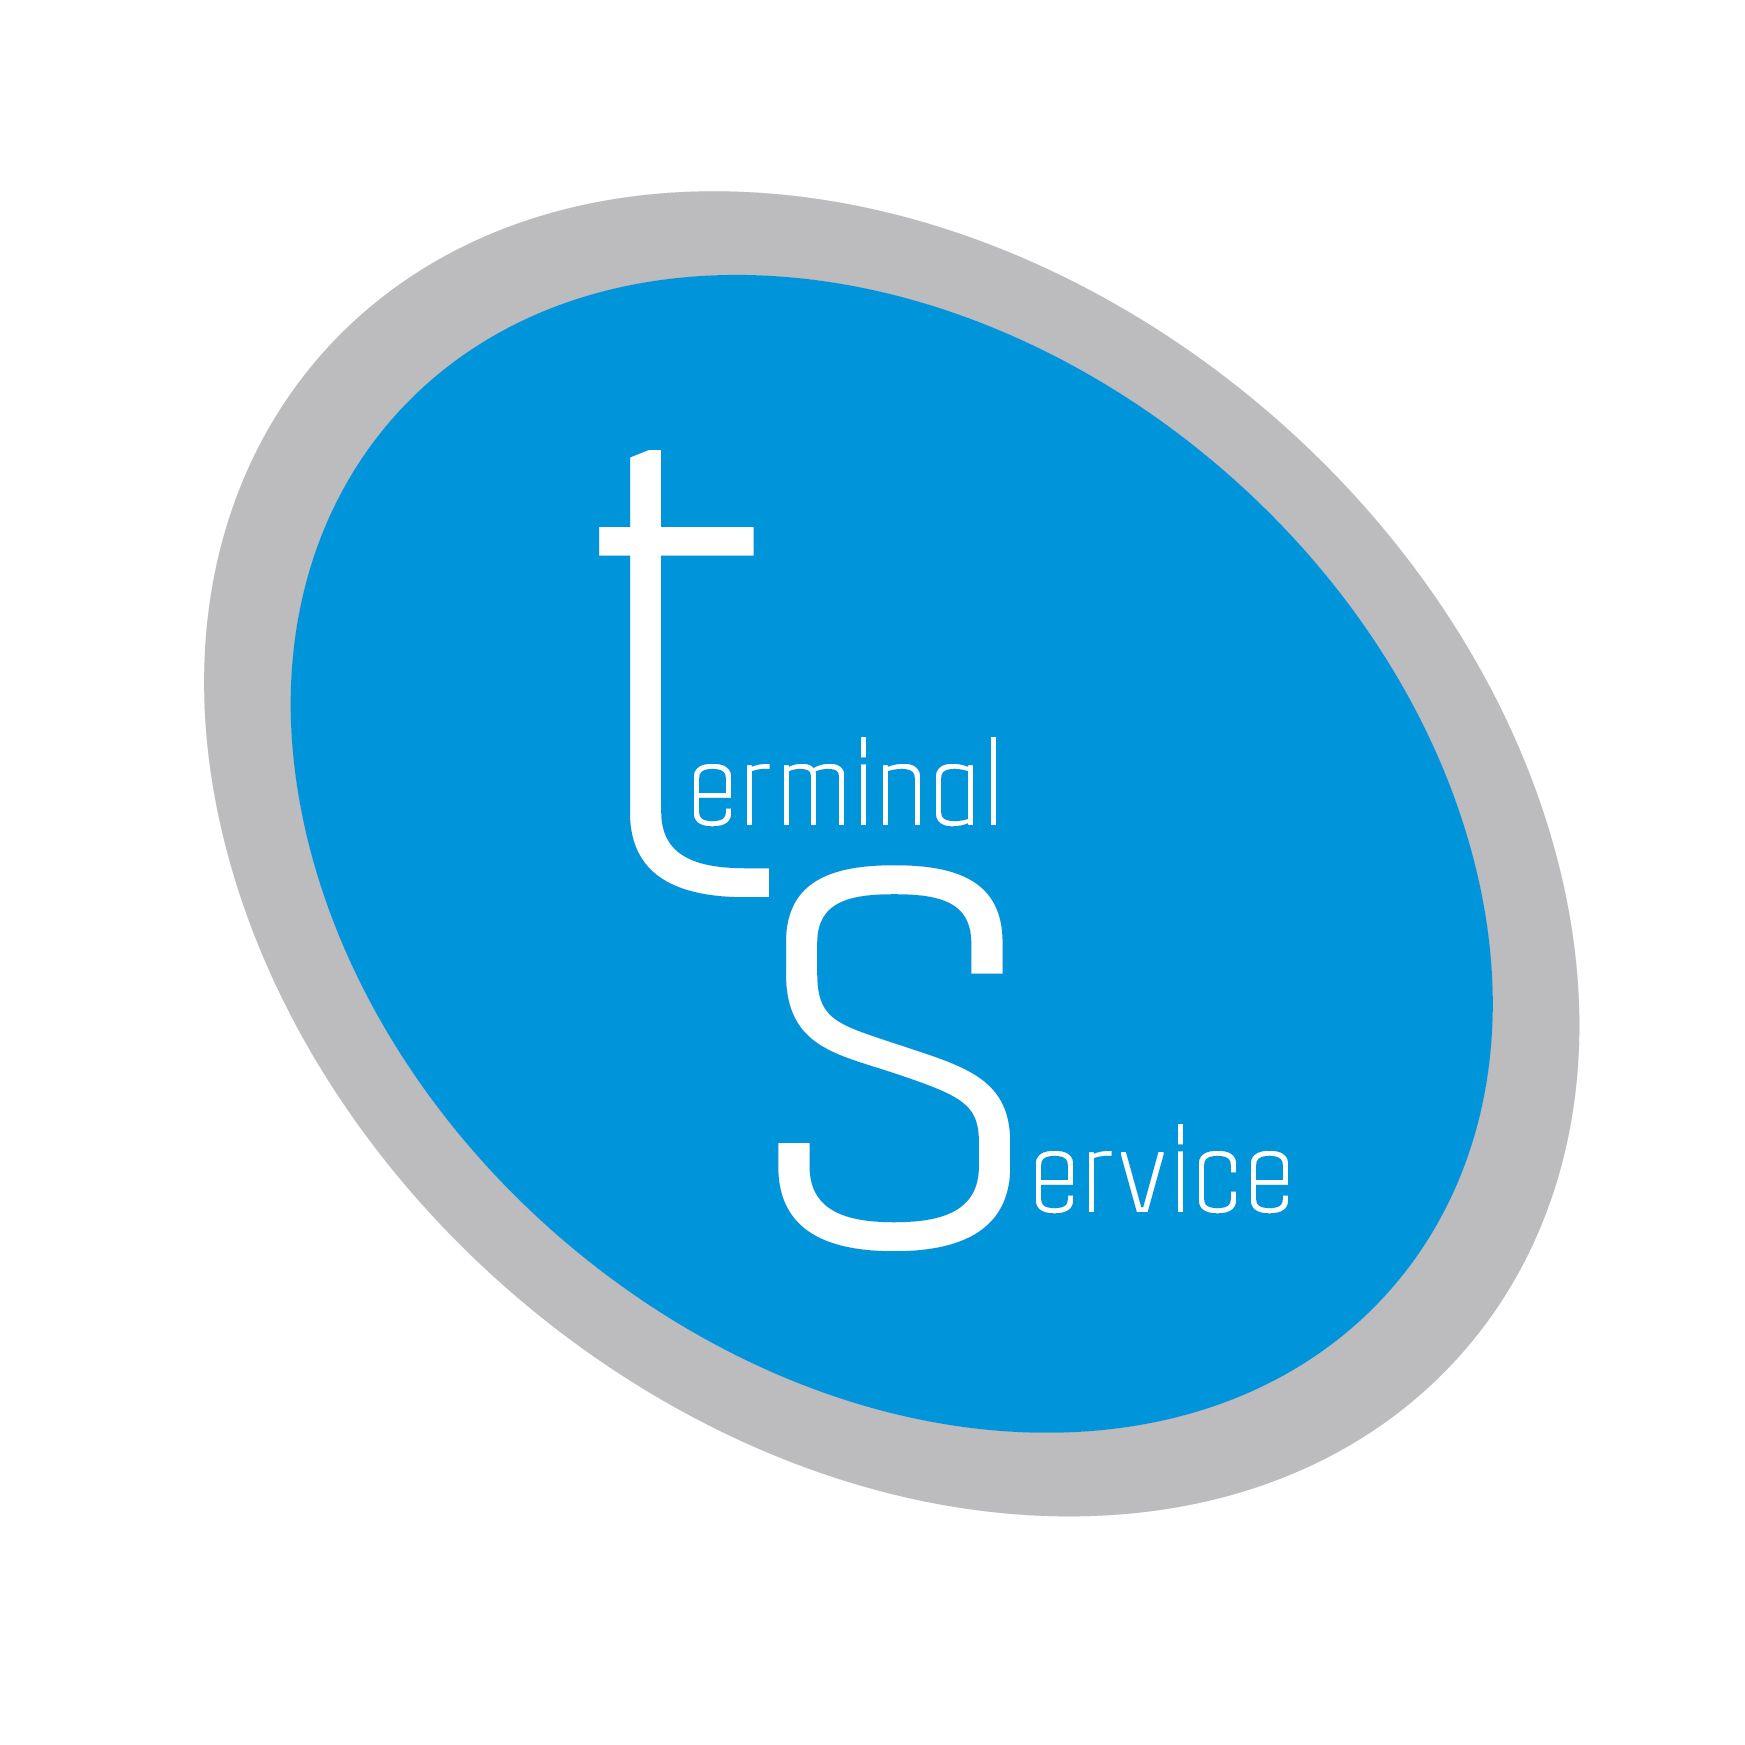 Требуется обновление логотипа компании - дизайнер mintycrisps